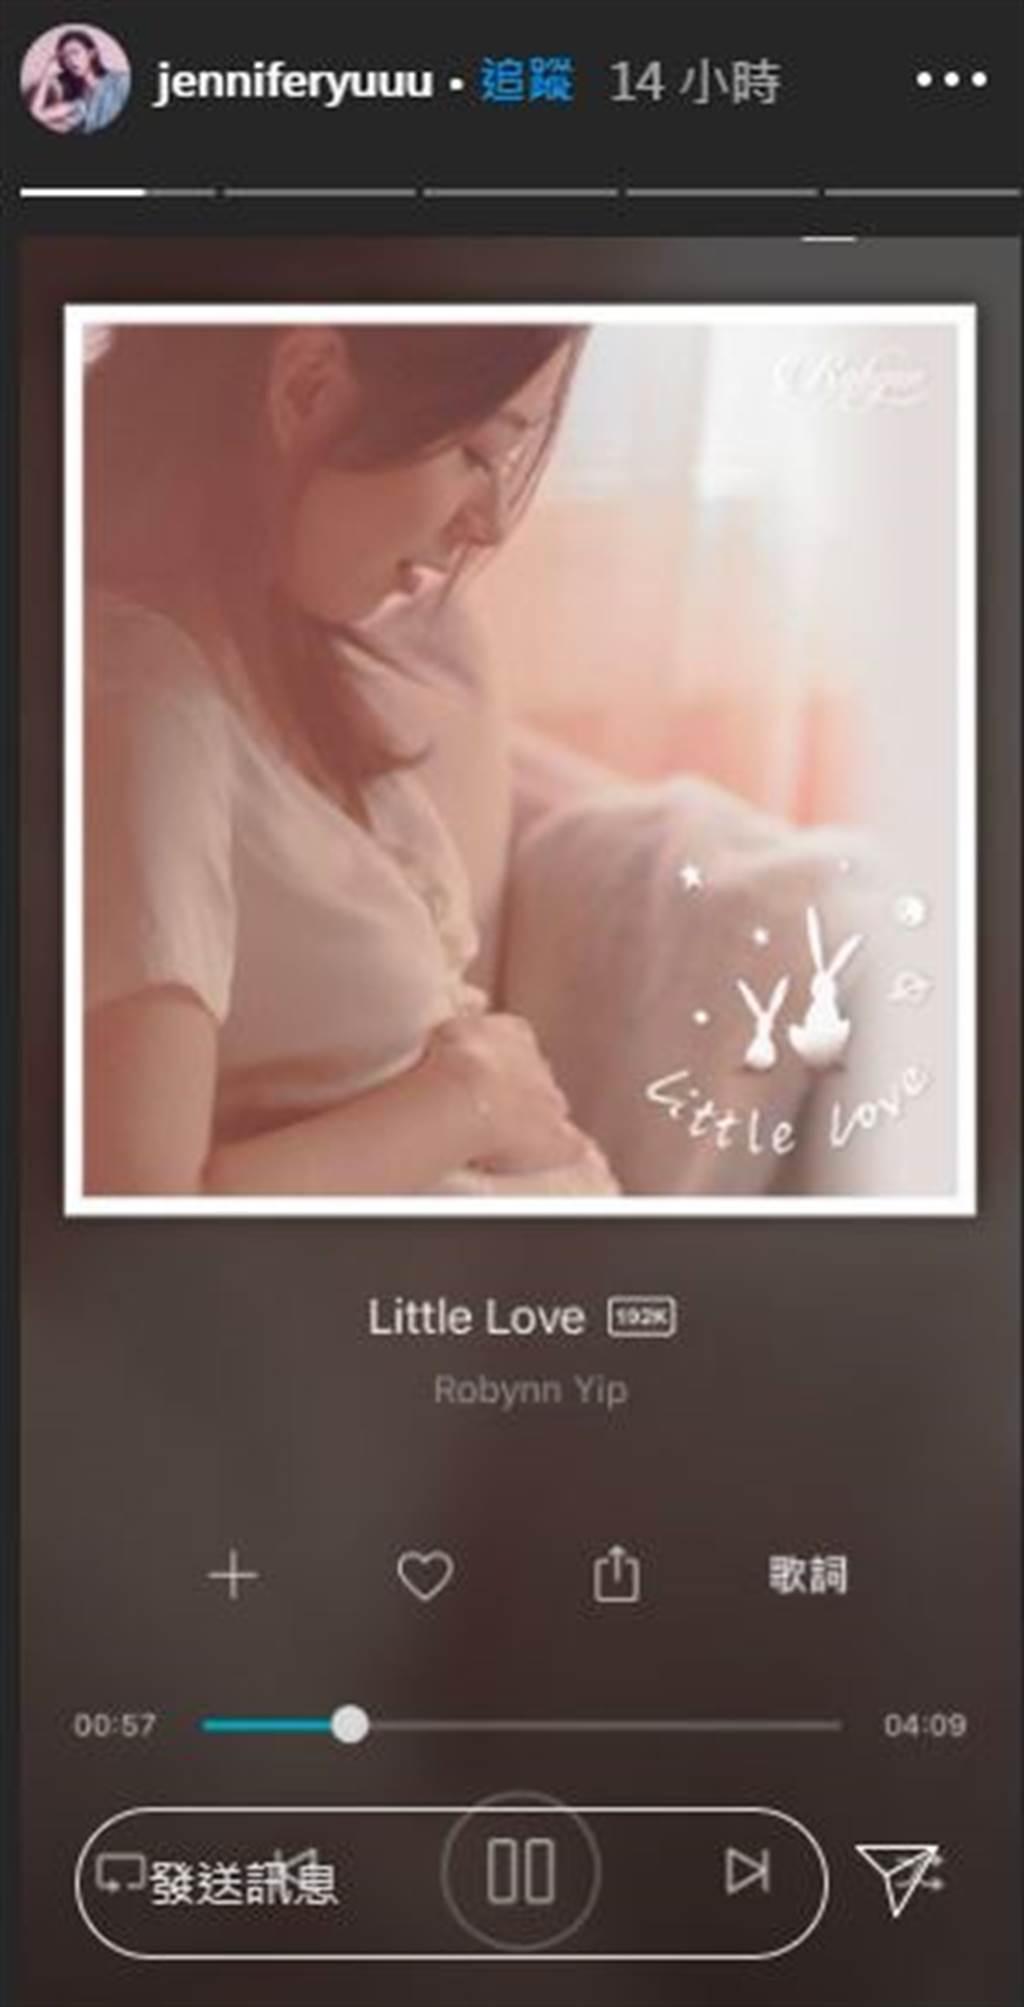 余香凝聽懷孕女星的歌,遭猜可能有共鳴。(圖/翻攝自IG)